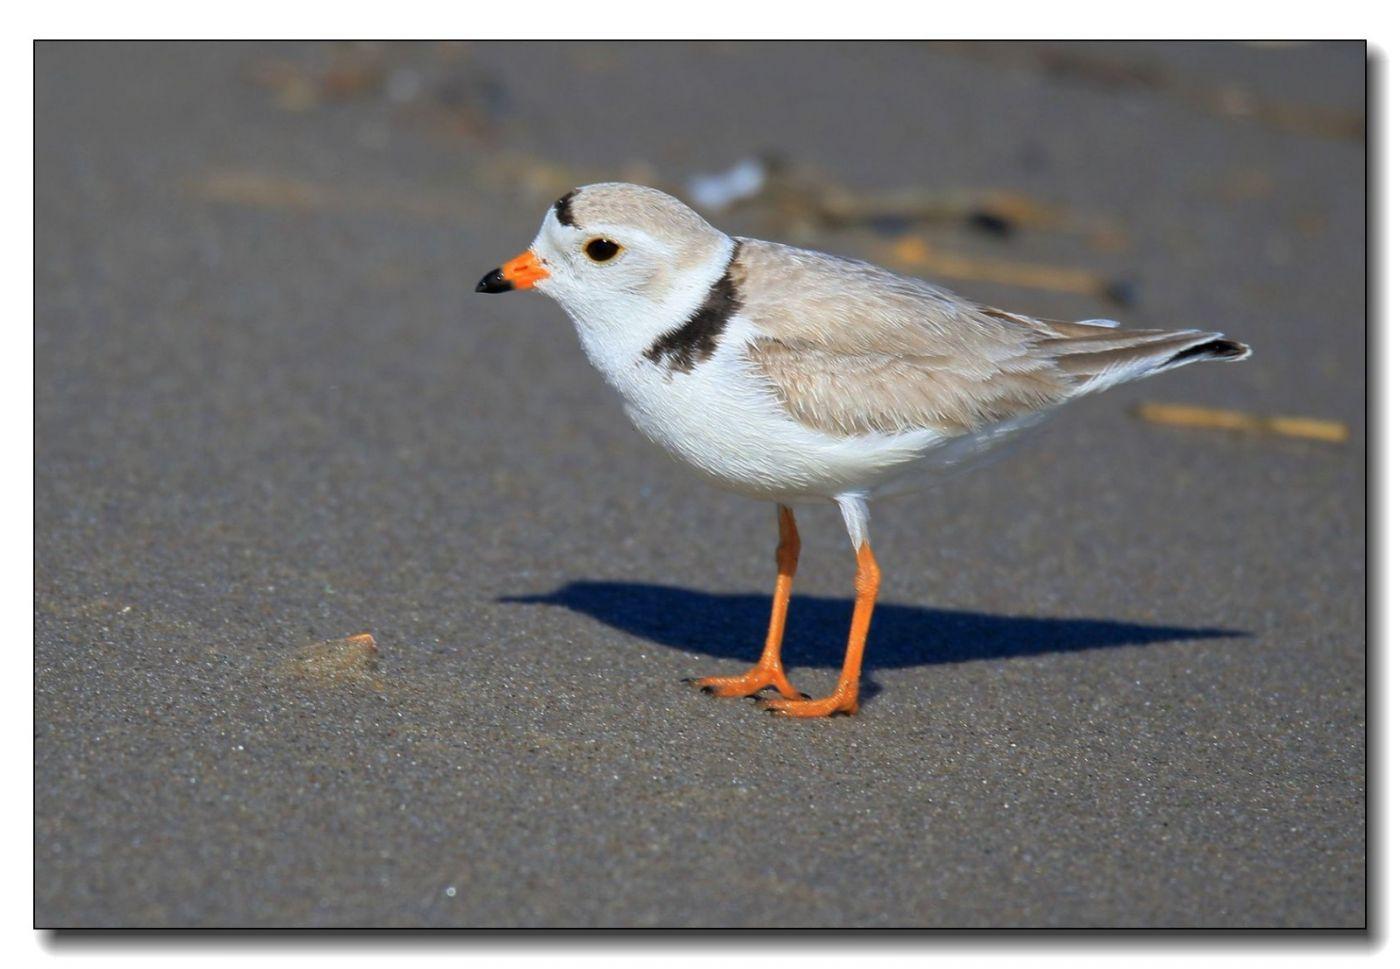 洛克威海滩拍鸟—环颈鸻_图1-9